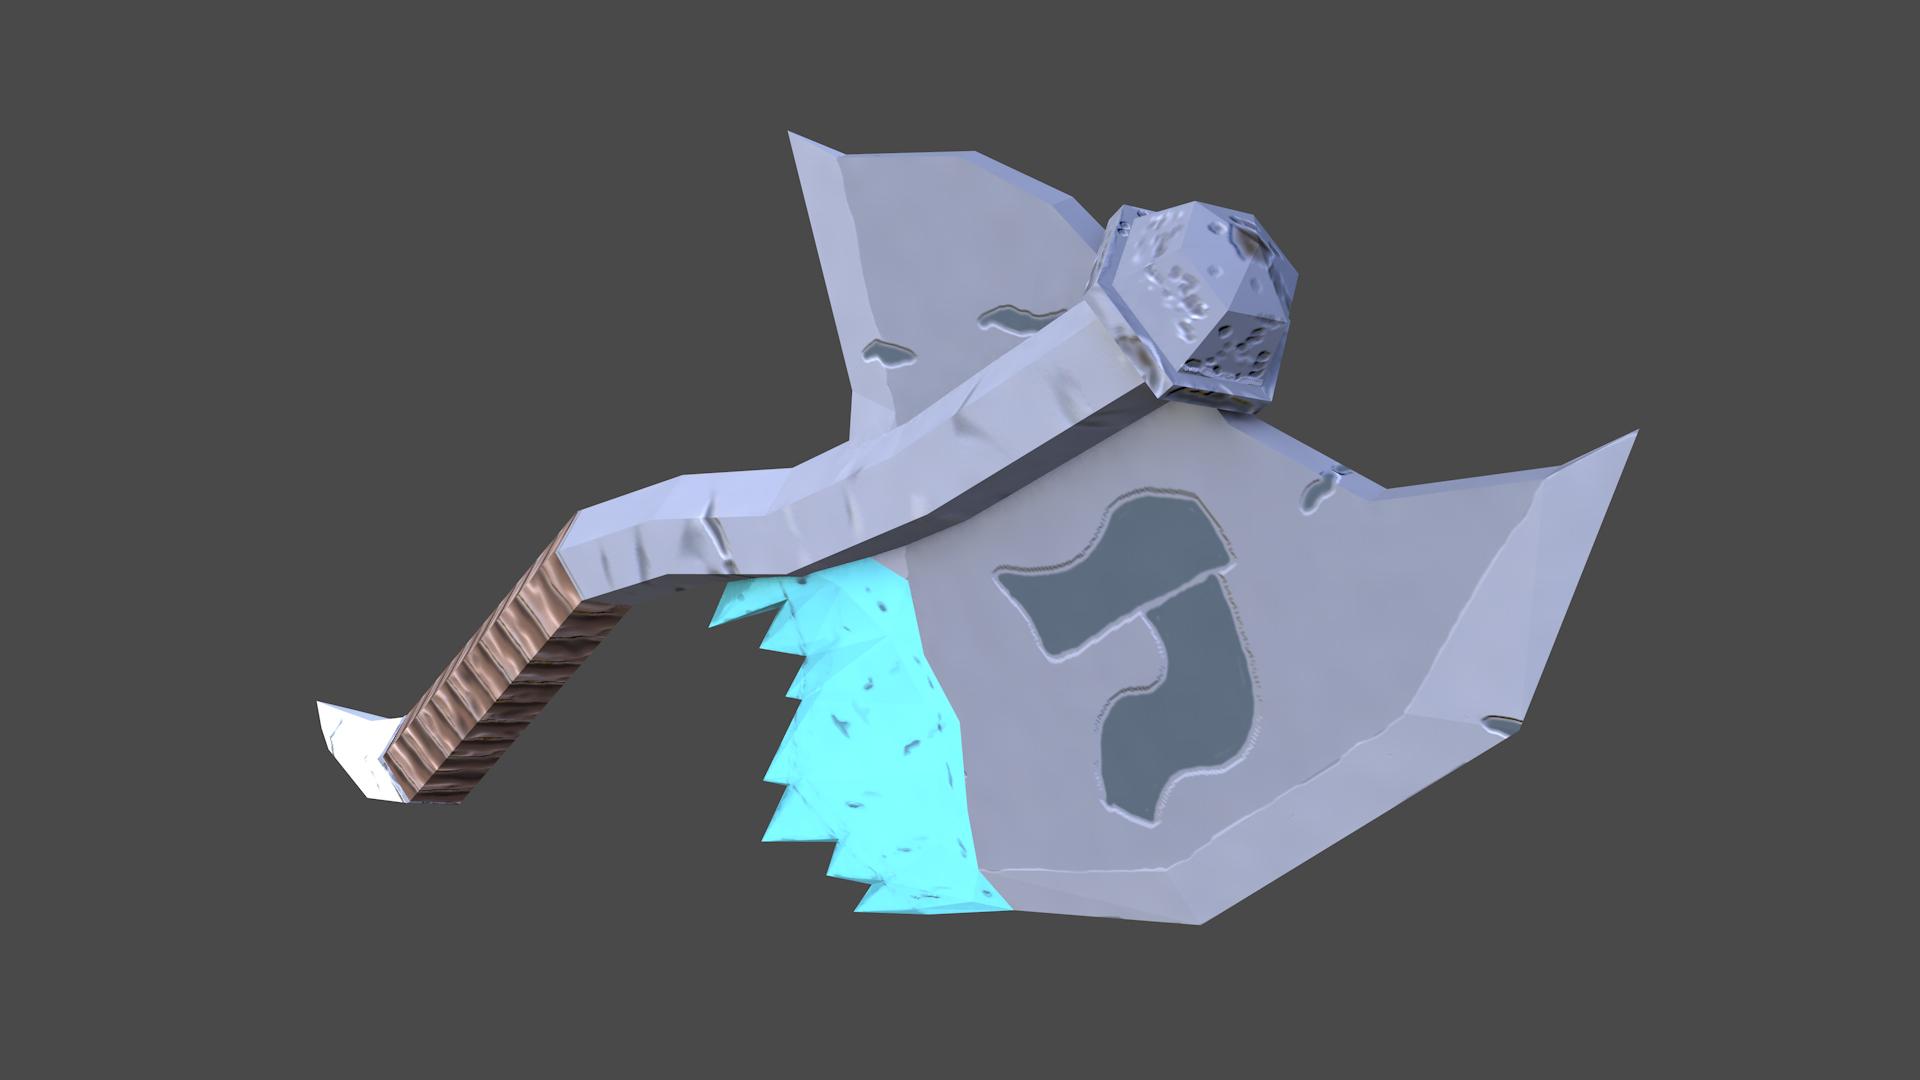 Frostbitten_Axe_Blade.jpg